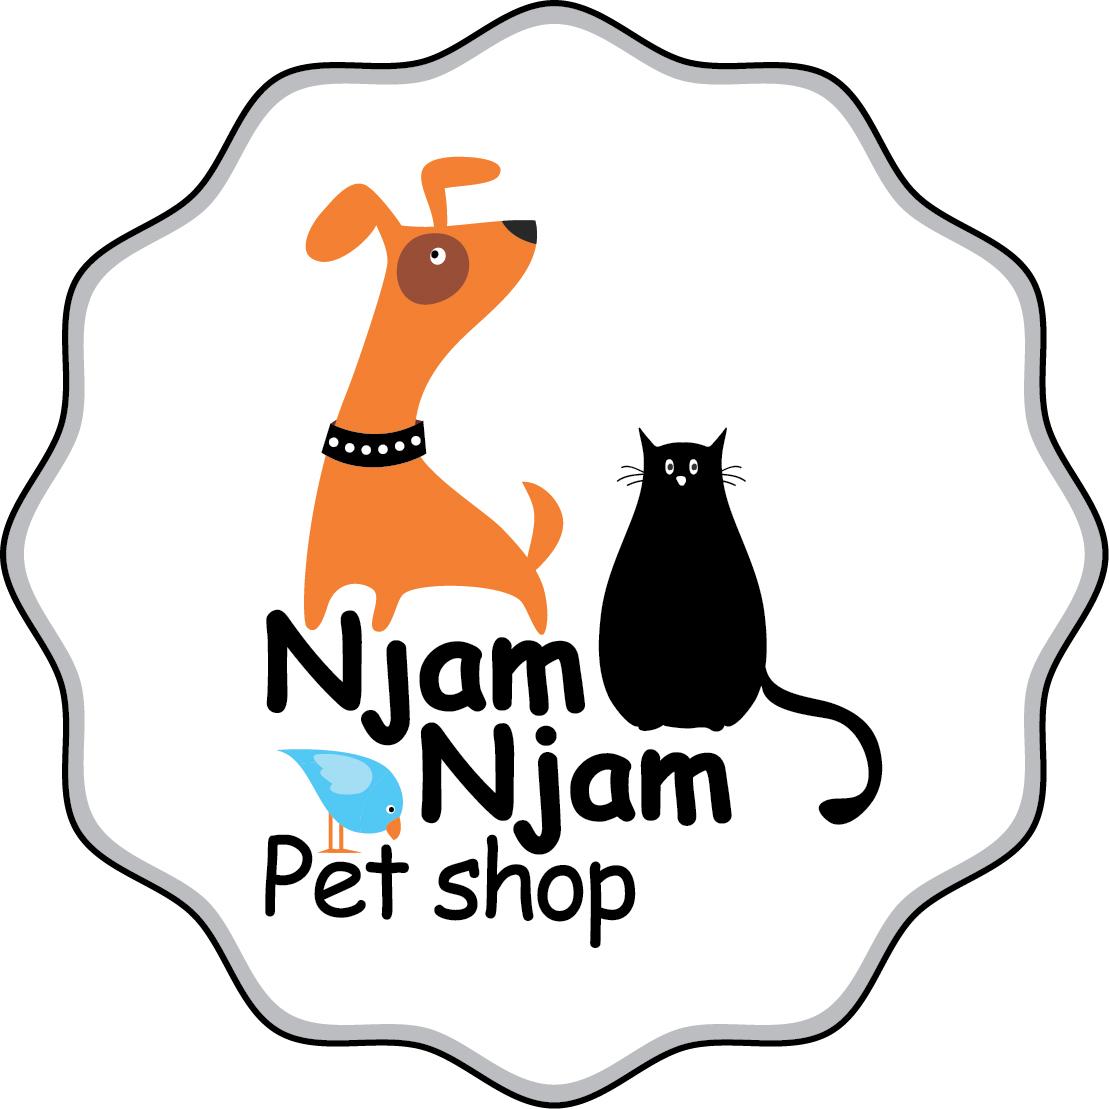 Njam Njam Pet Shop